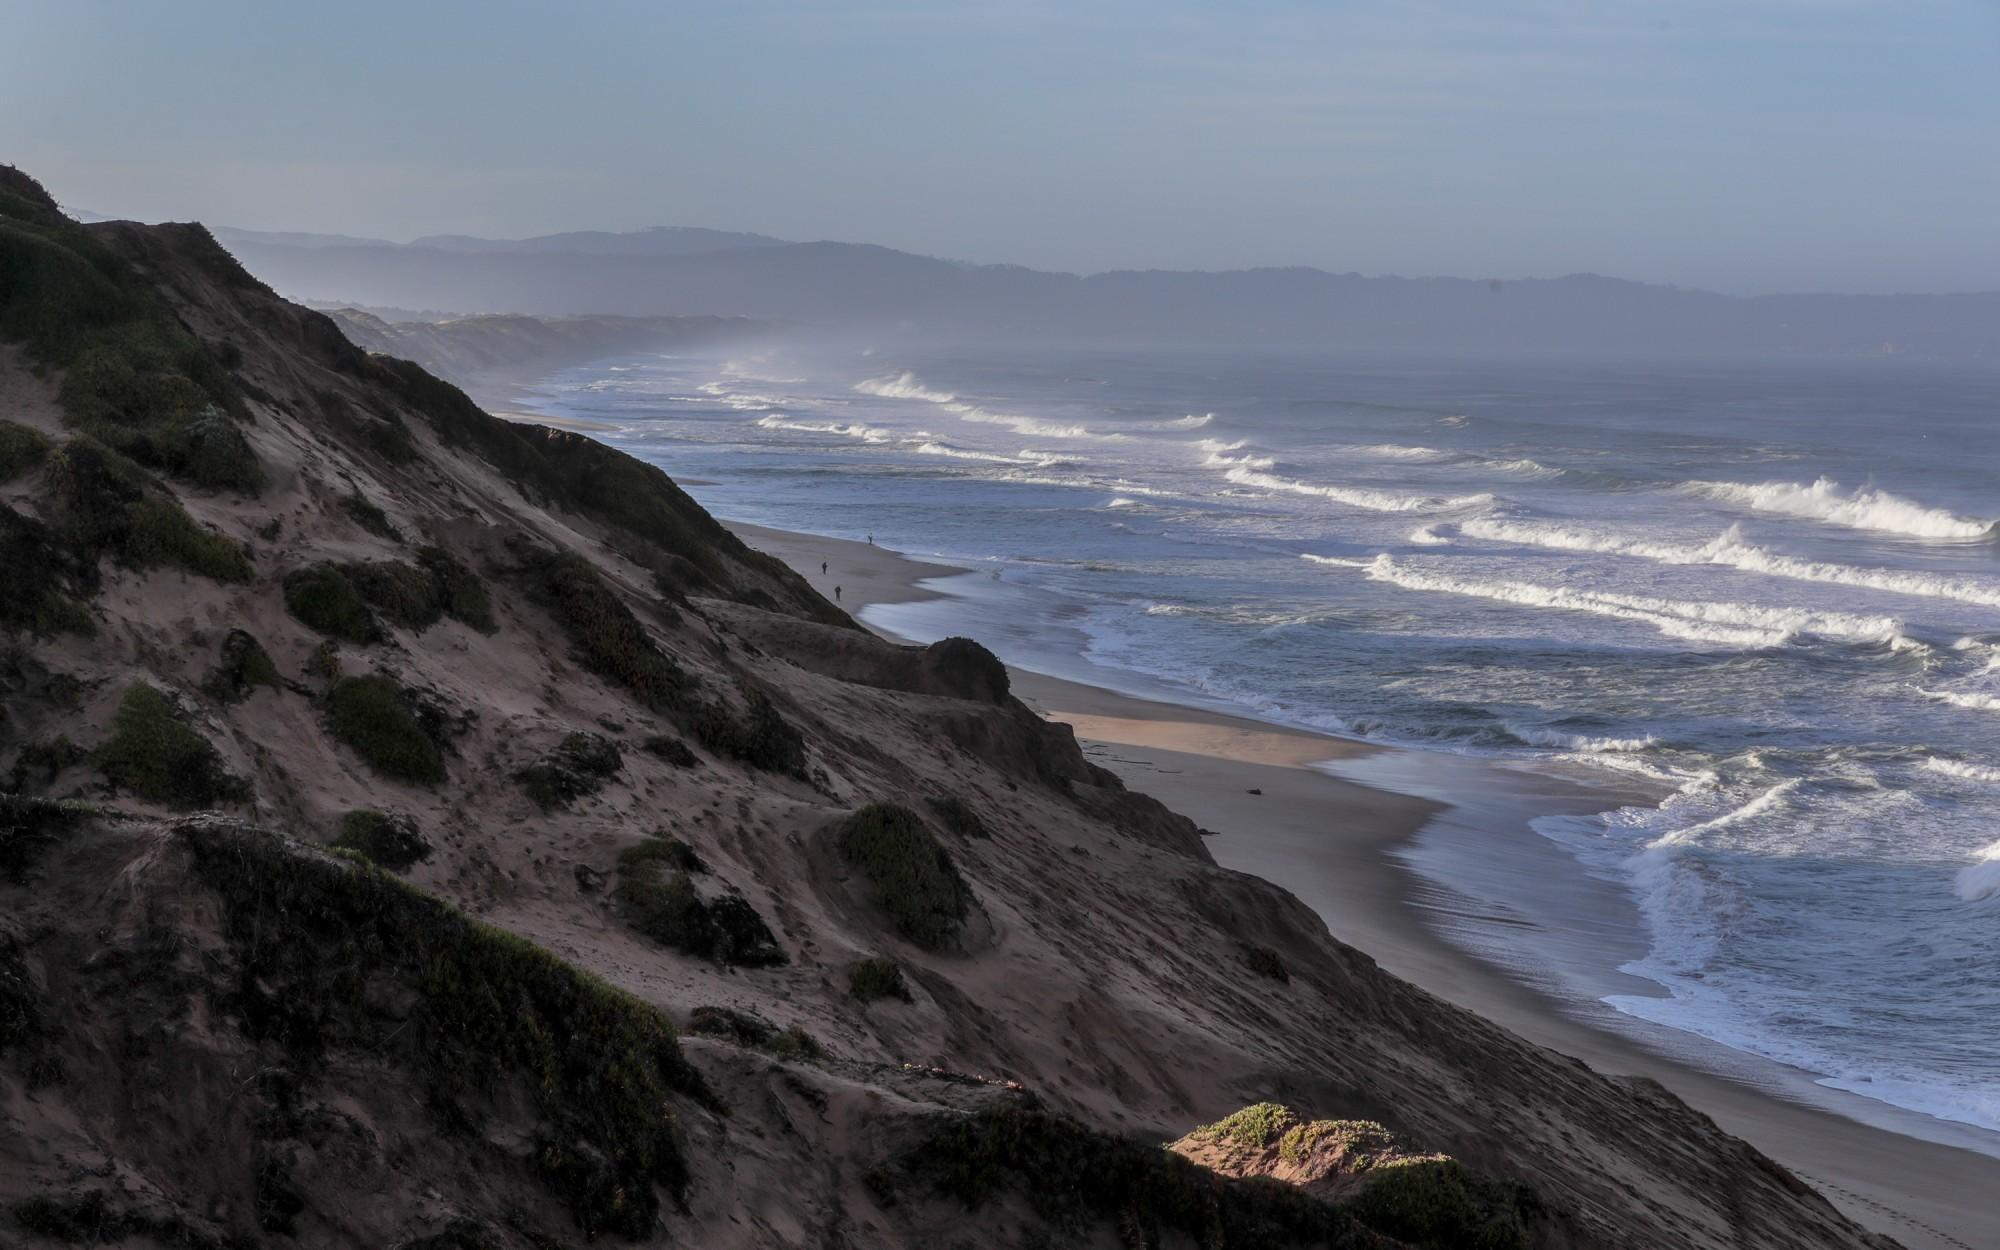 Ученые заявили о риске исчезновения половины всех песчаных пляжей к 2100 году